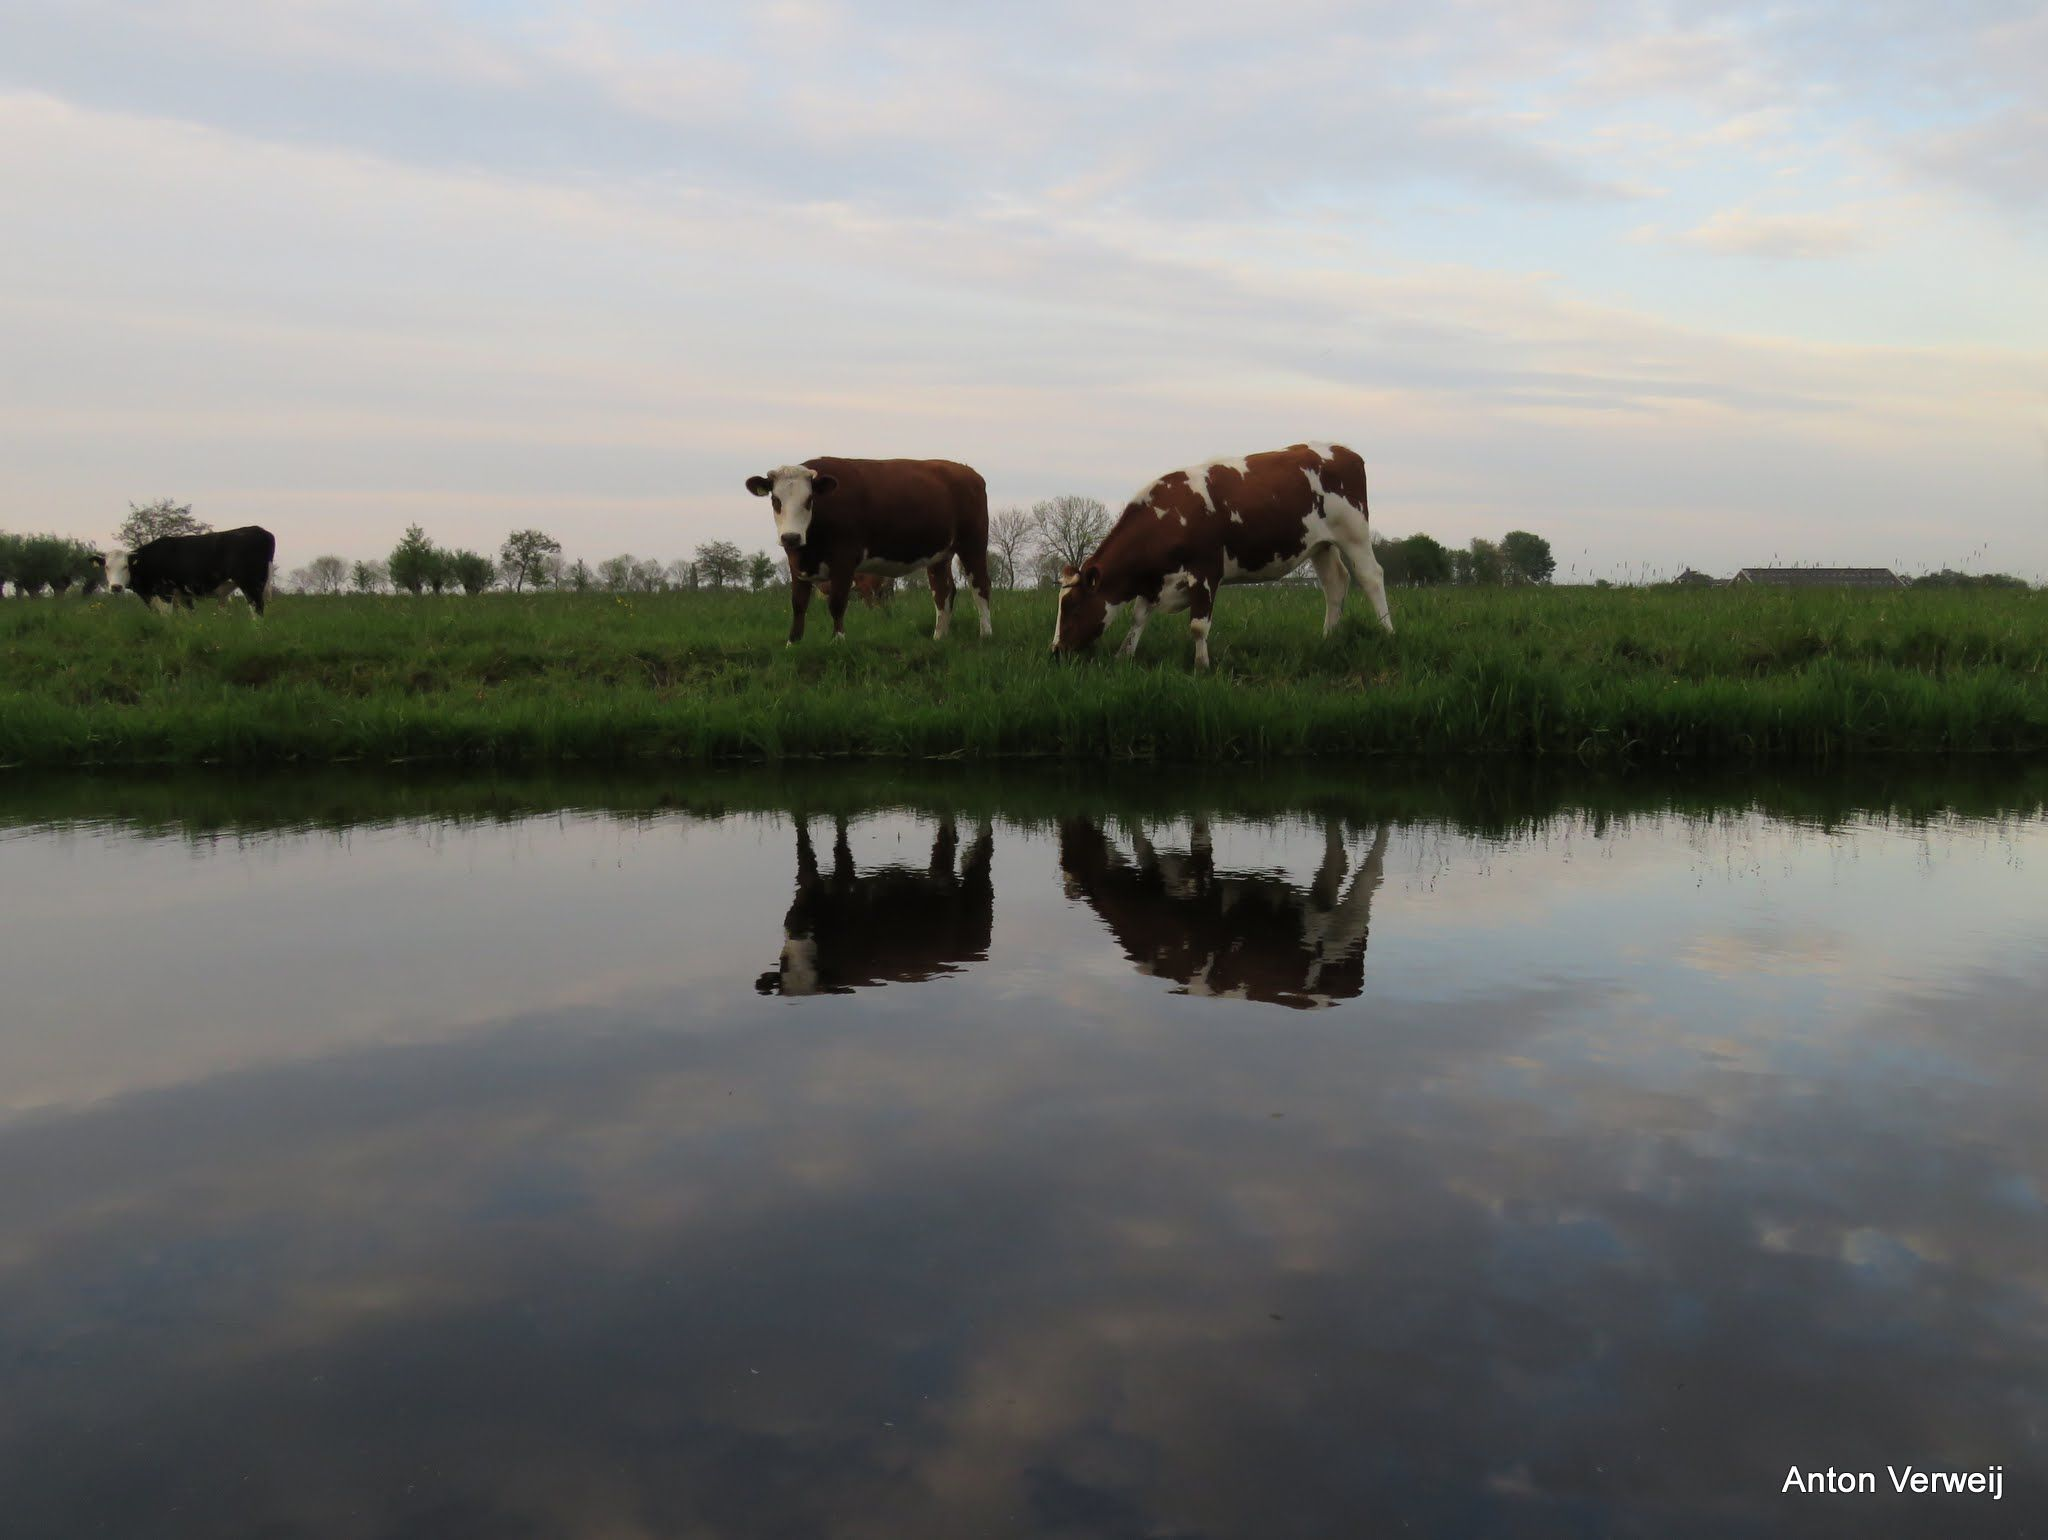 Van de weersomstuit ... http://godisindestilte.blogspot.nl/2016/05/van-de-weersomstuit.html